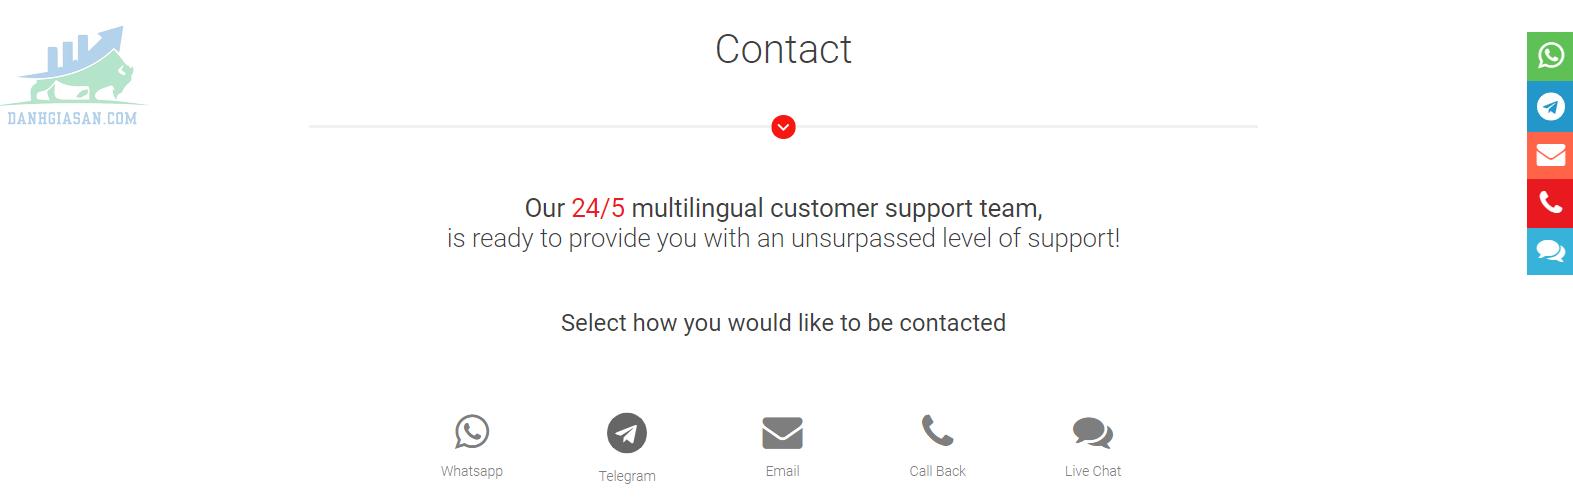 Chính sách hỗ trợ khách hàng của sàn giao dịch BDSwiss